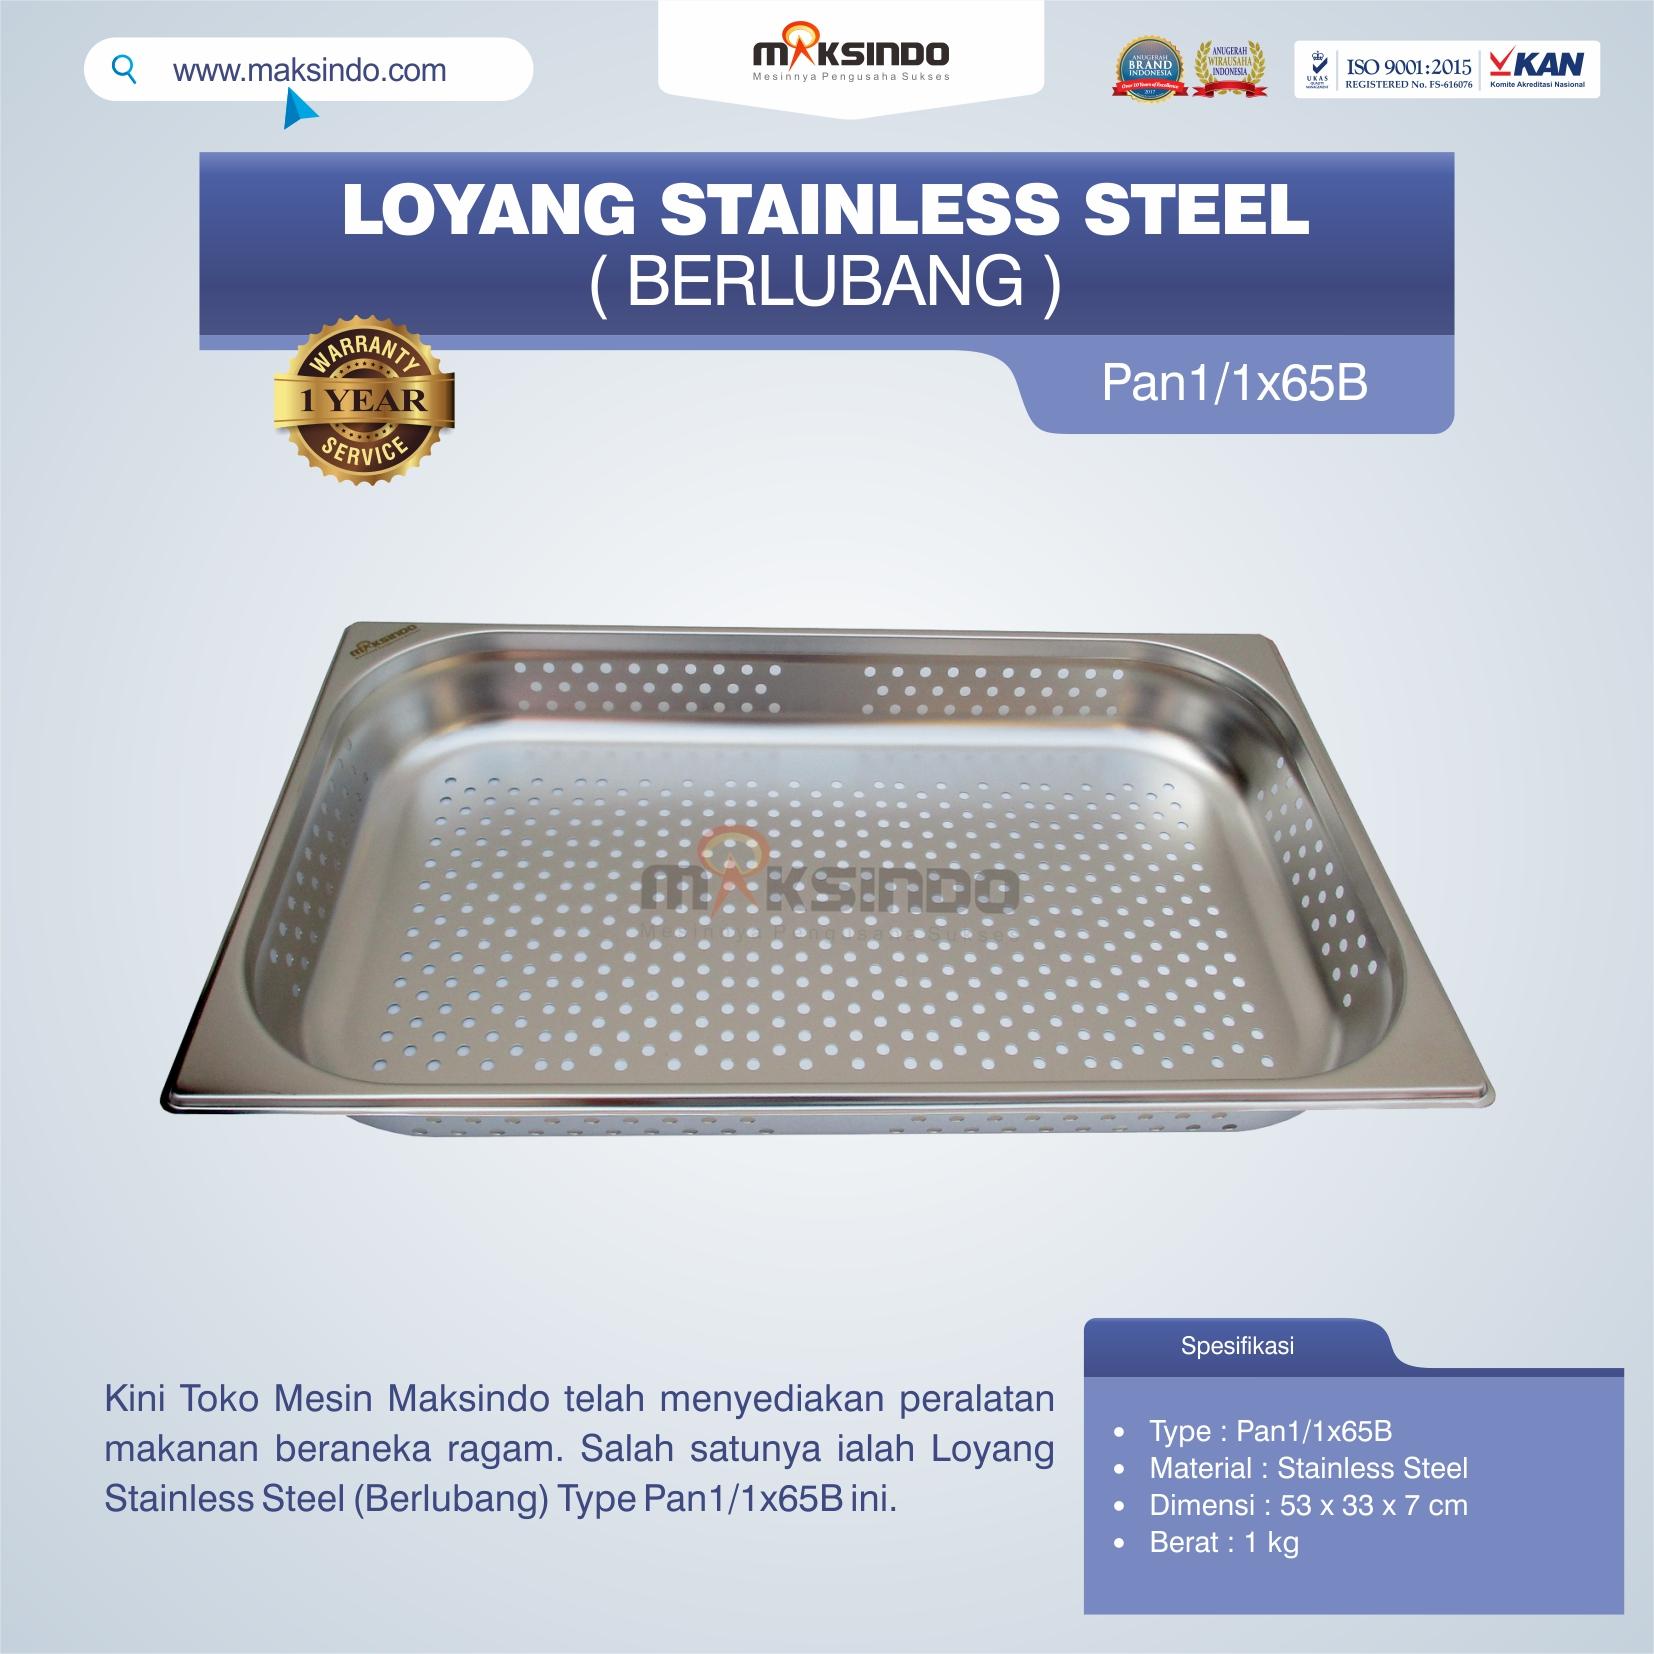 Jual Loyang Stainless Steel (Berlubang) Type Pan1/1x65B di Semarang